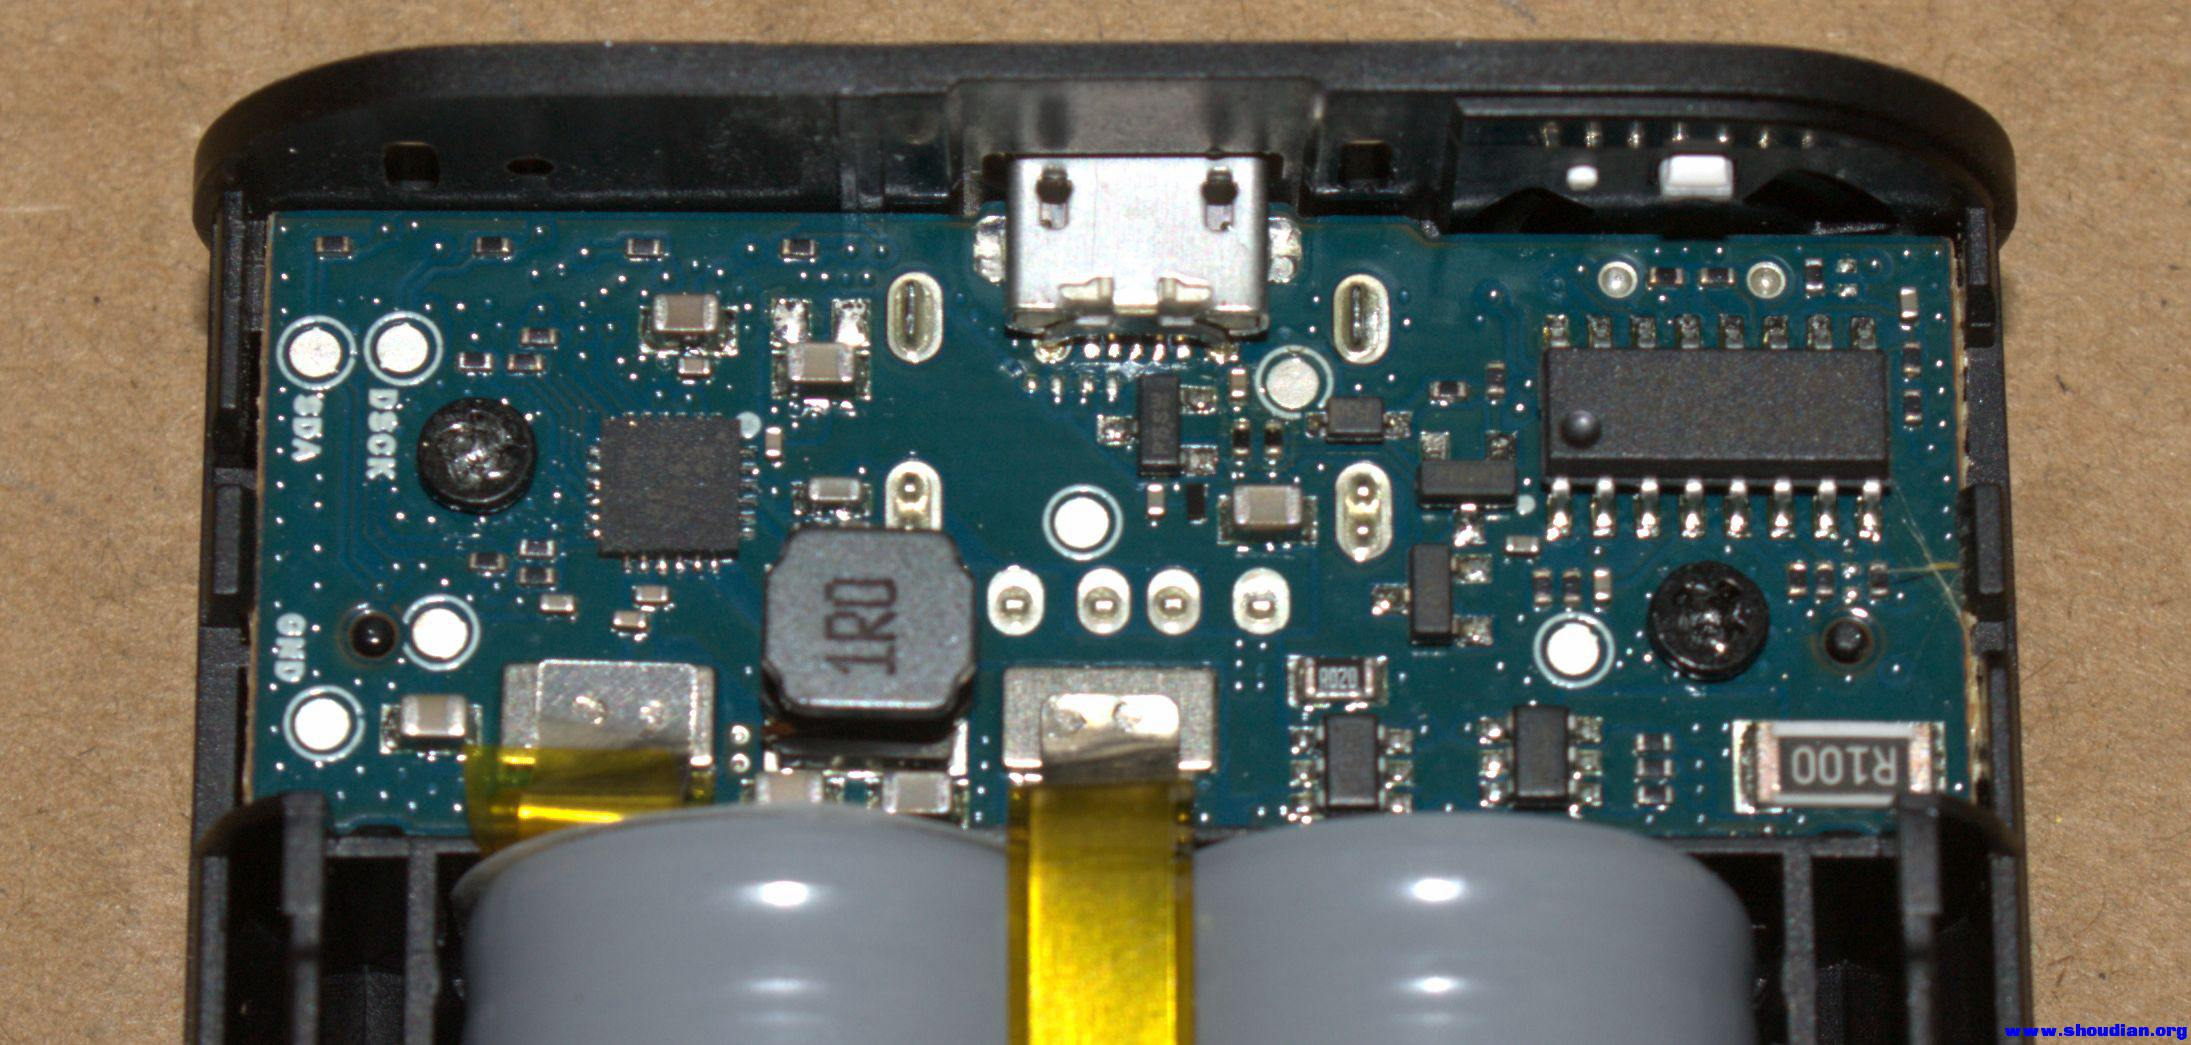 小米5200移动电源拆机,论坛首发 - 电池,充电器,综合